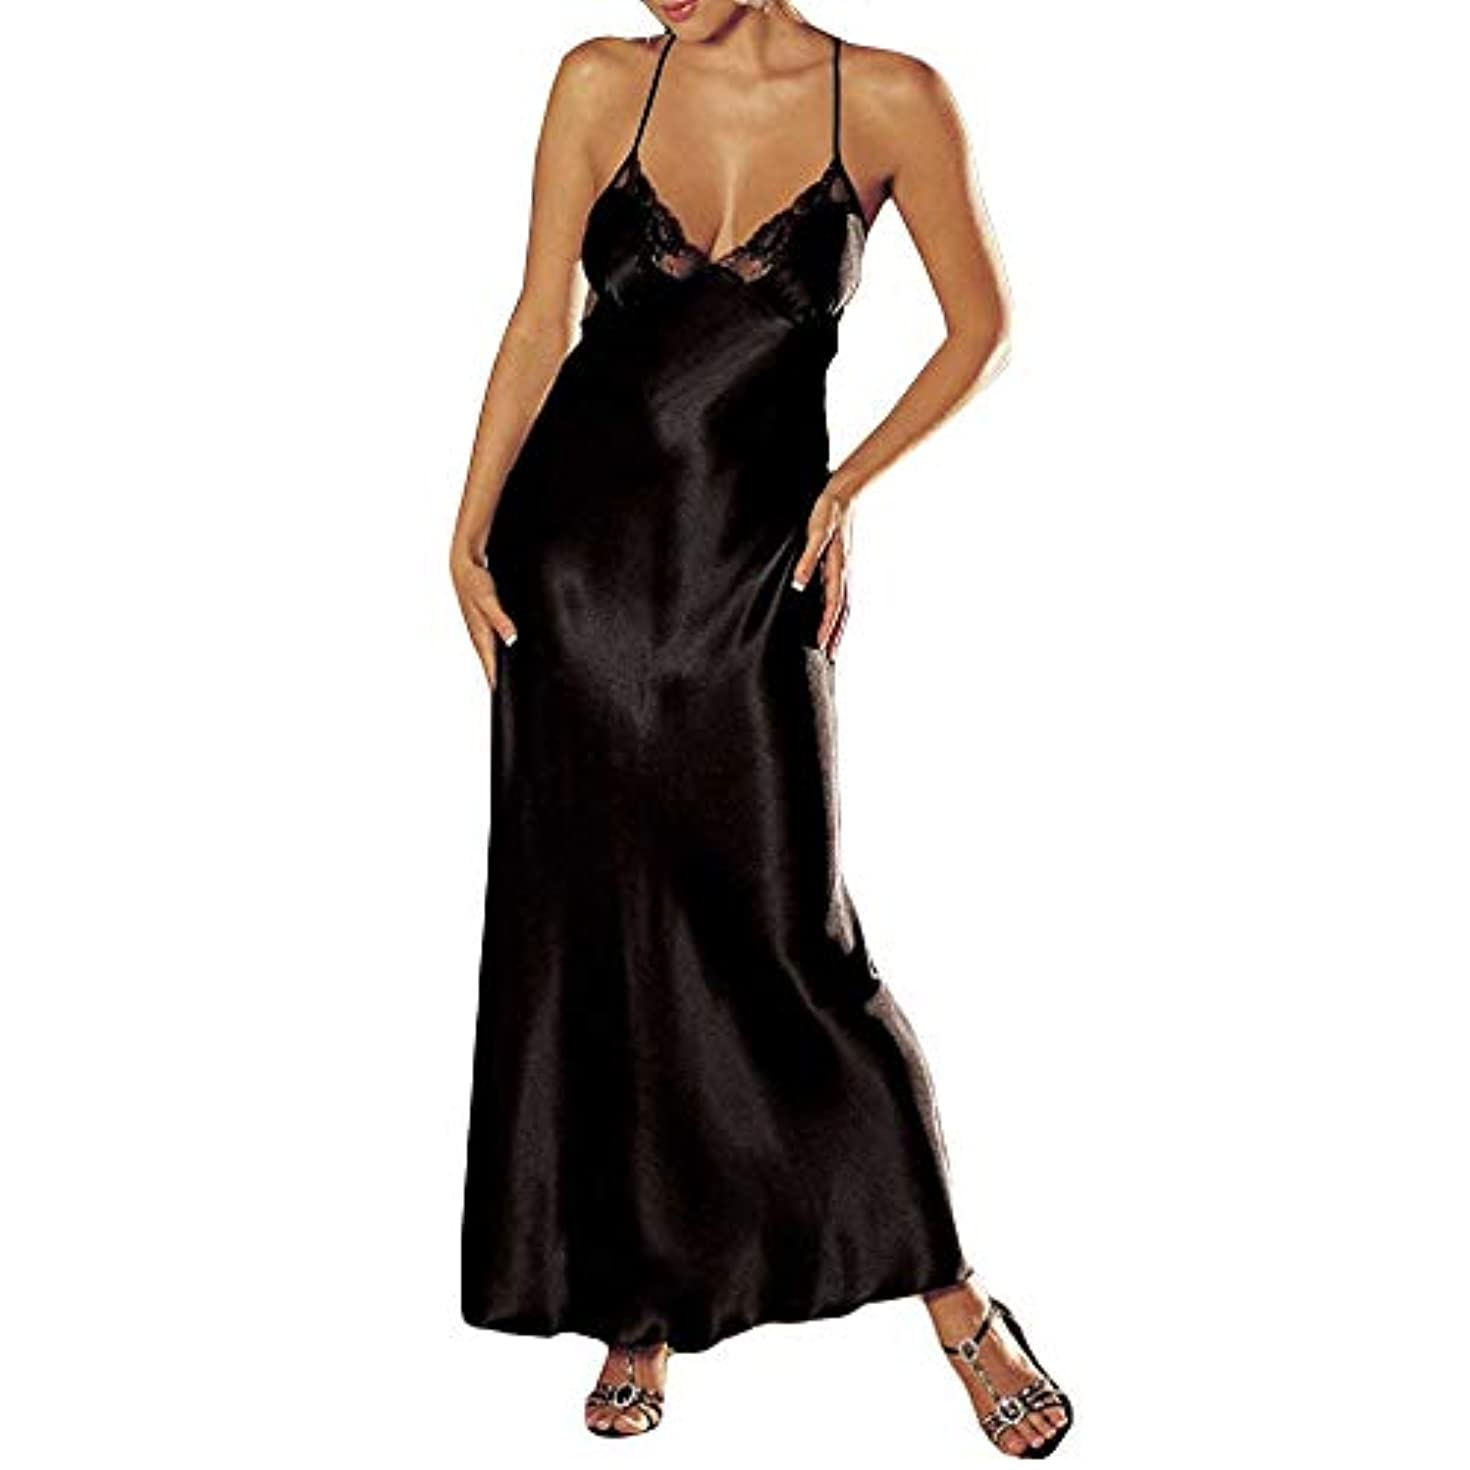 ミトン持続的参照吊りドレス liqiuxiang ウーマン 快適 柔らかい ロングスカート 女性 エレガント 着心地 通気性抜群 パジャマ レディース 上下 花柄 ノースリーブ 高級 襦袢